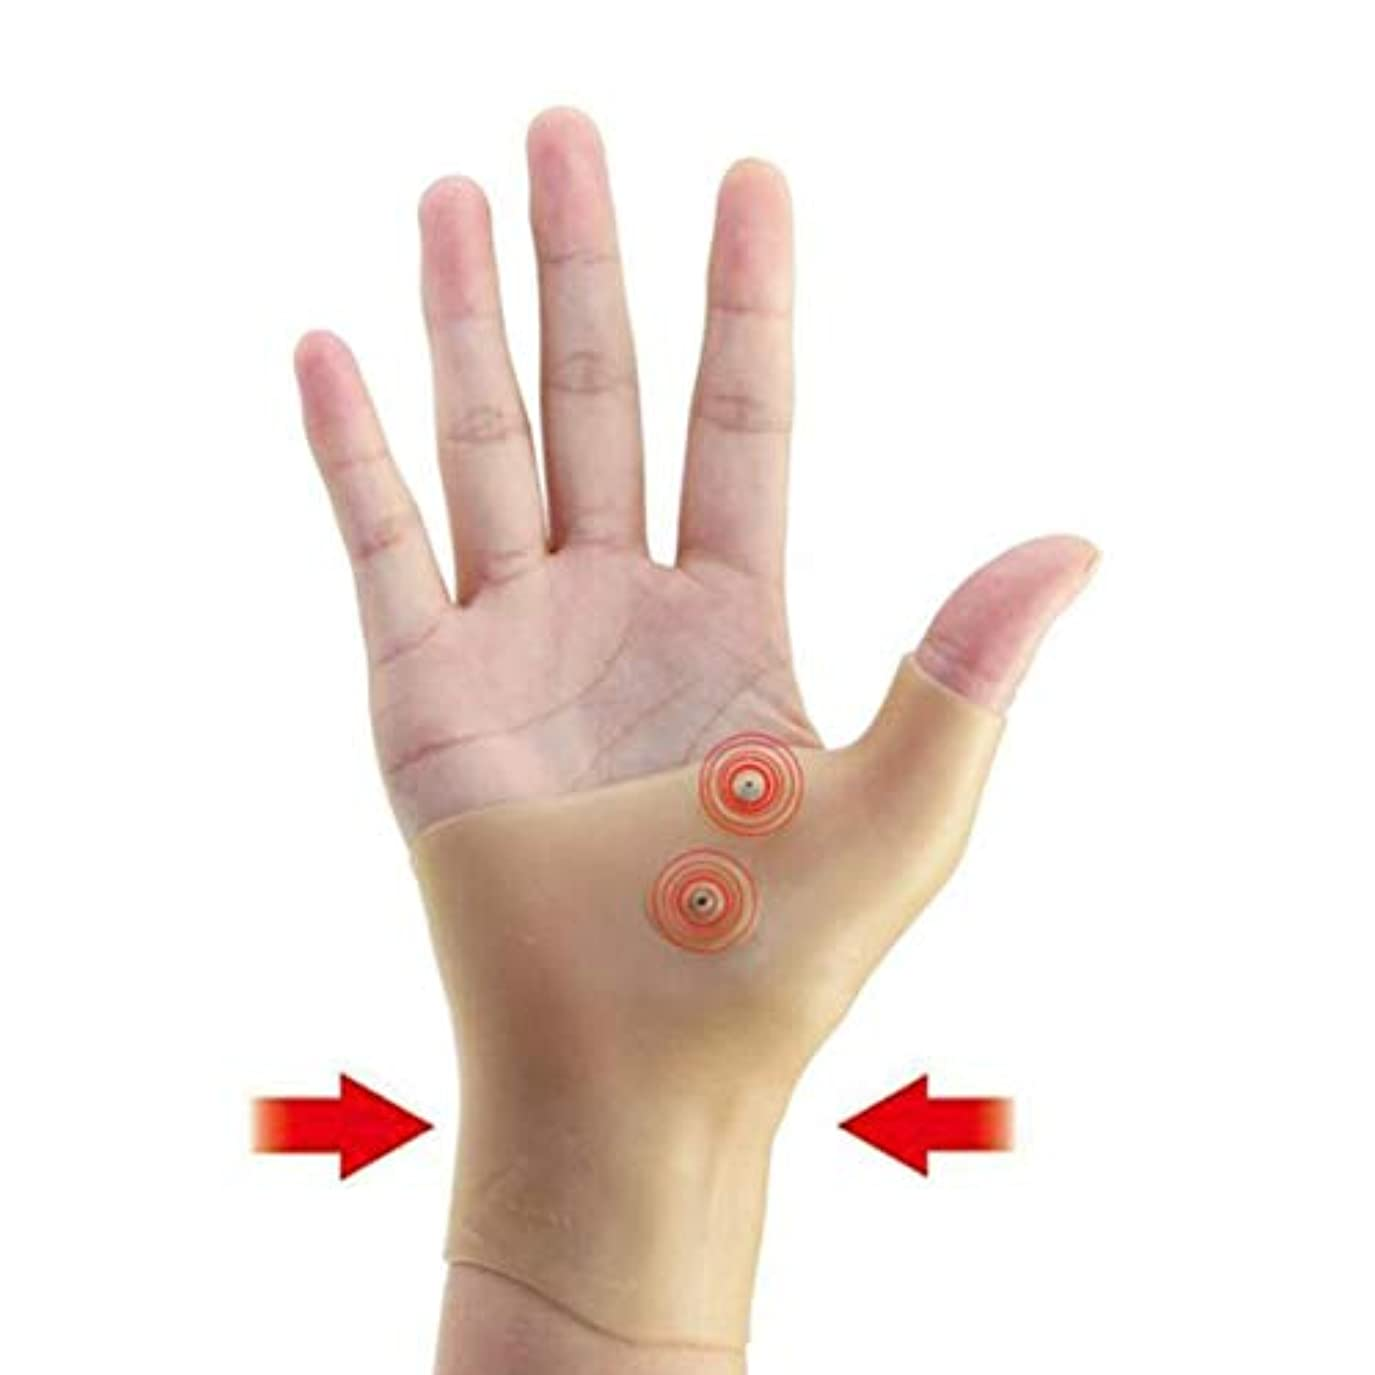 フレッシュネクタイ汚れた磁気療法手首手親指サポート手袋シリコーンゲル関節炎圧力矯正器マッサージ痛み緩和手袋 - 肌の色